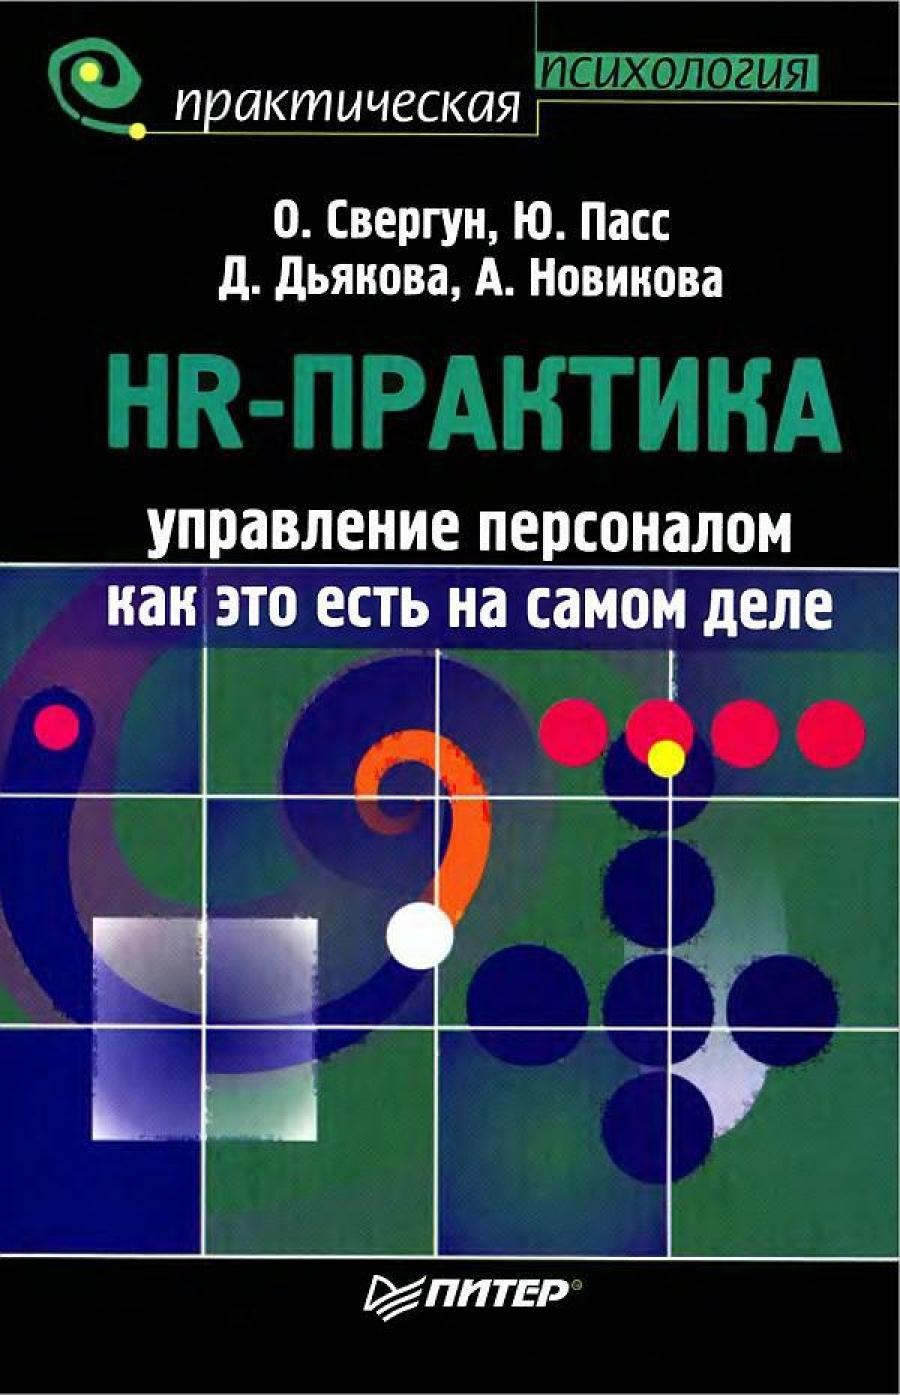 Обложка книги:  свергун о., пасс ю., дьякова д., новикова а. - hr-практика. управление персоналом как это есть на самом деле